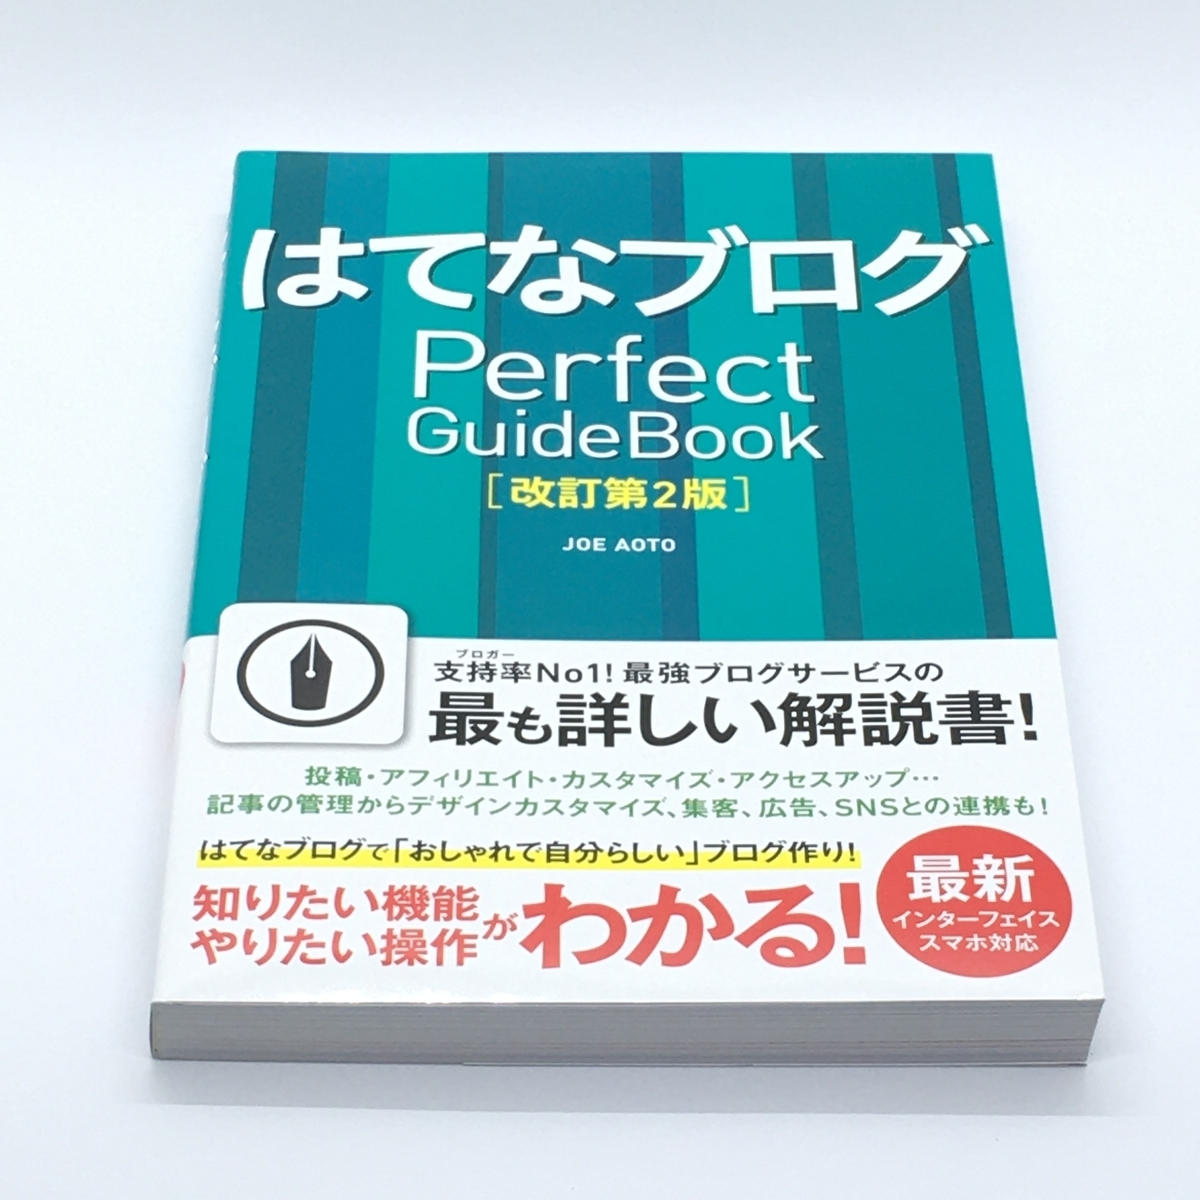 はてなブログPerfect GuideBook【改訂第2版】